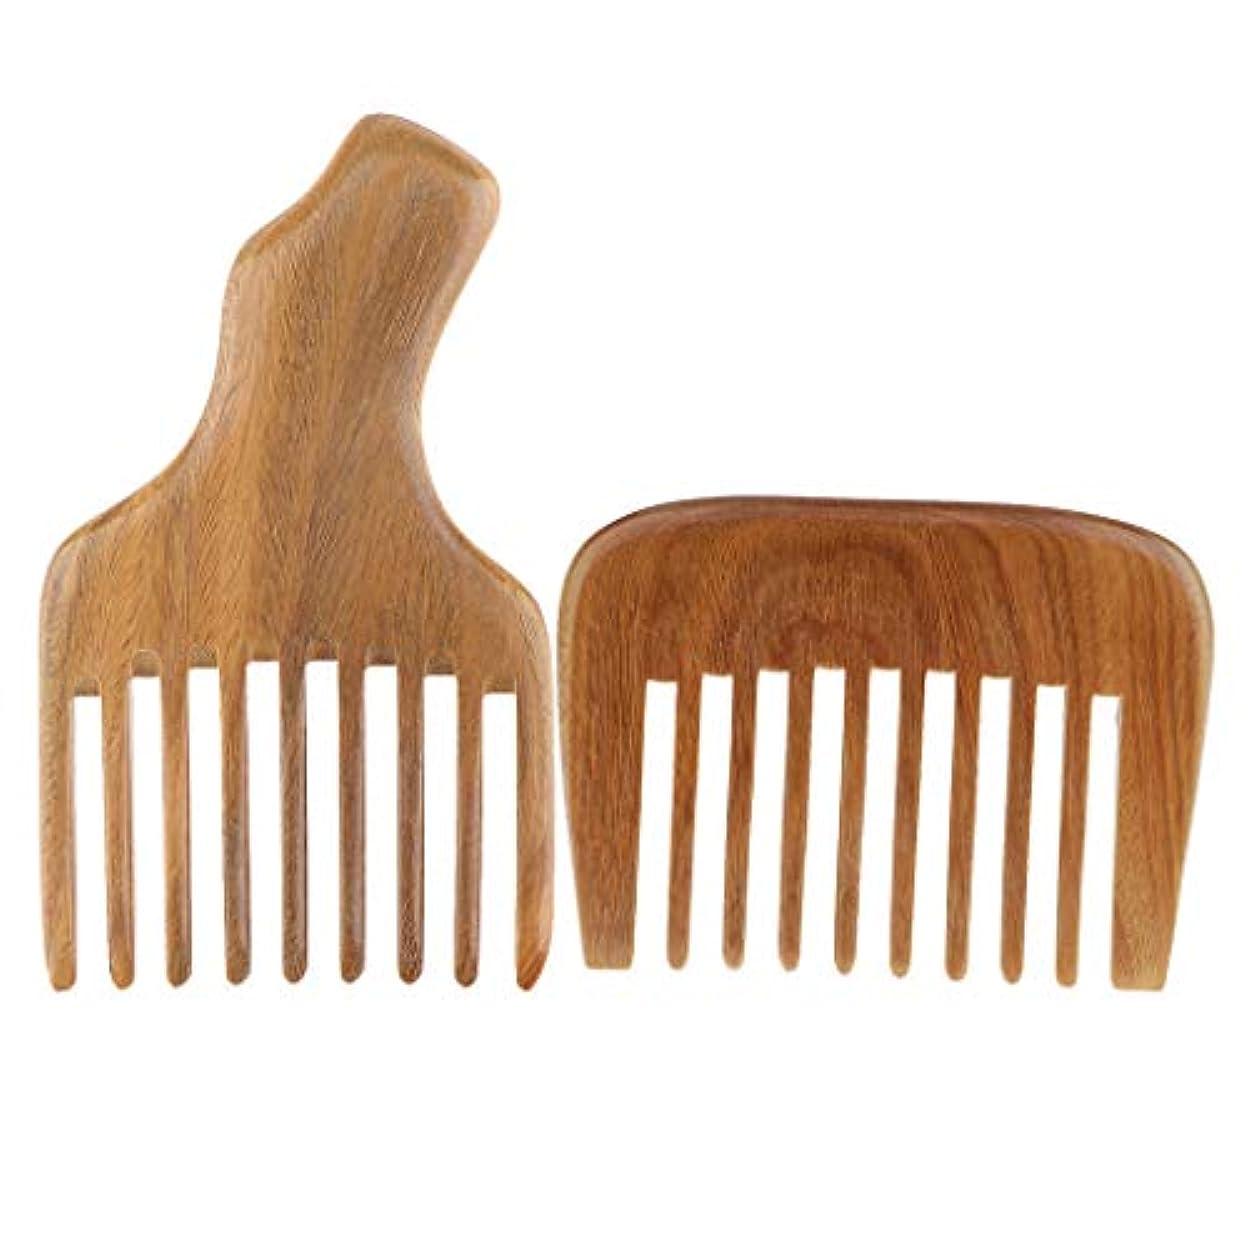 ジェムファイナンス不足DYNWAVE ウッドコーム 天然木の櫛セット 髪のマッサージの櫛 2個セット